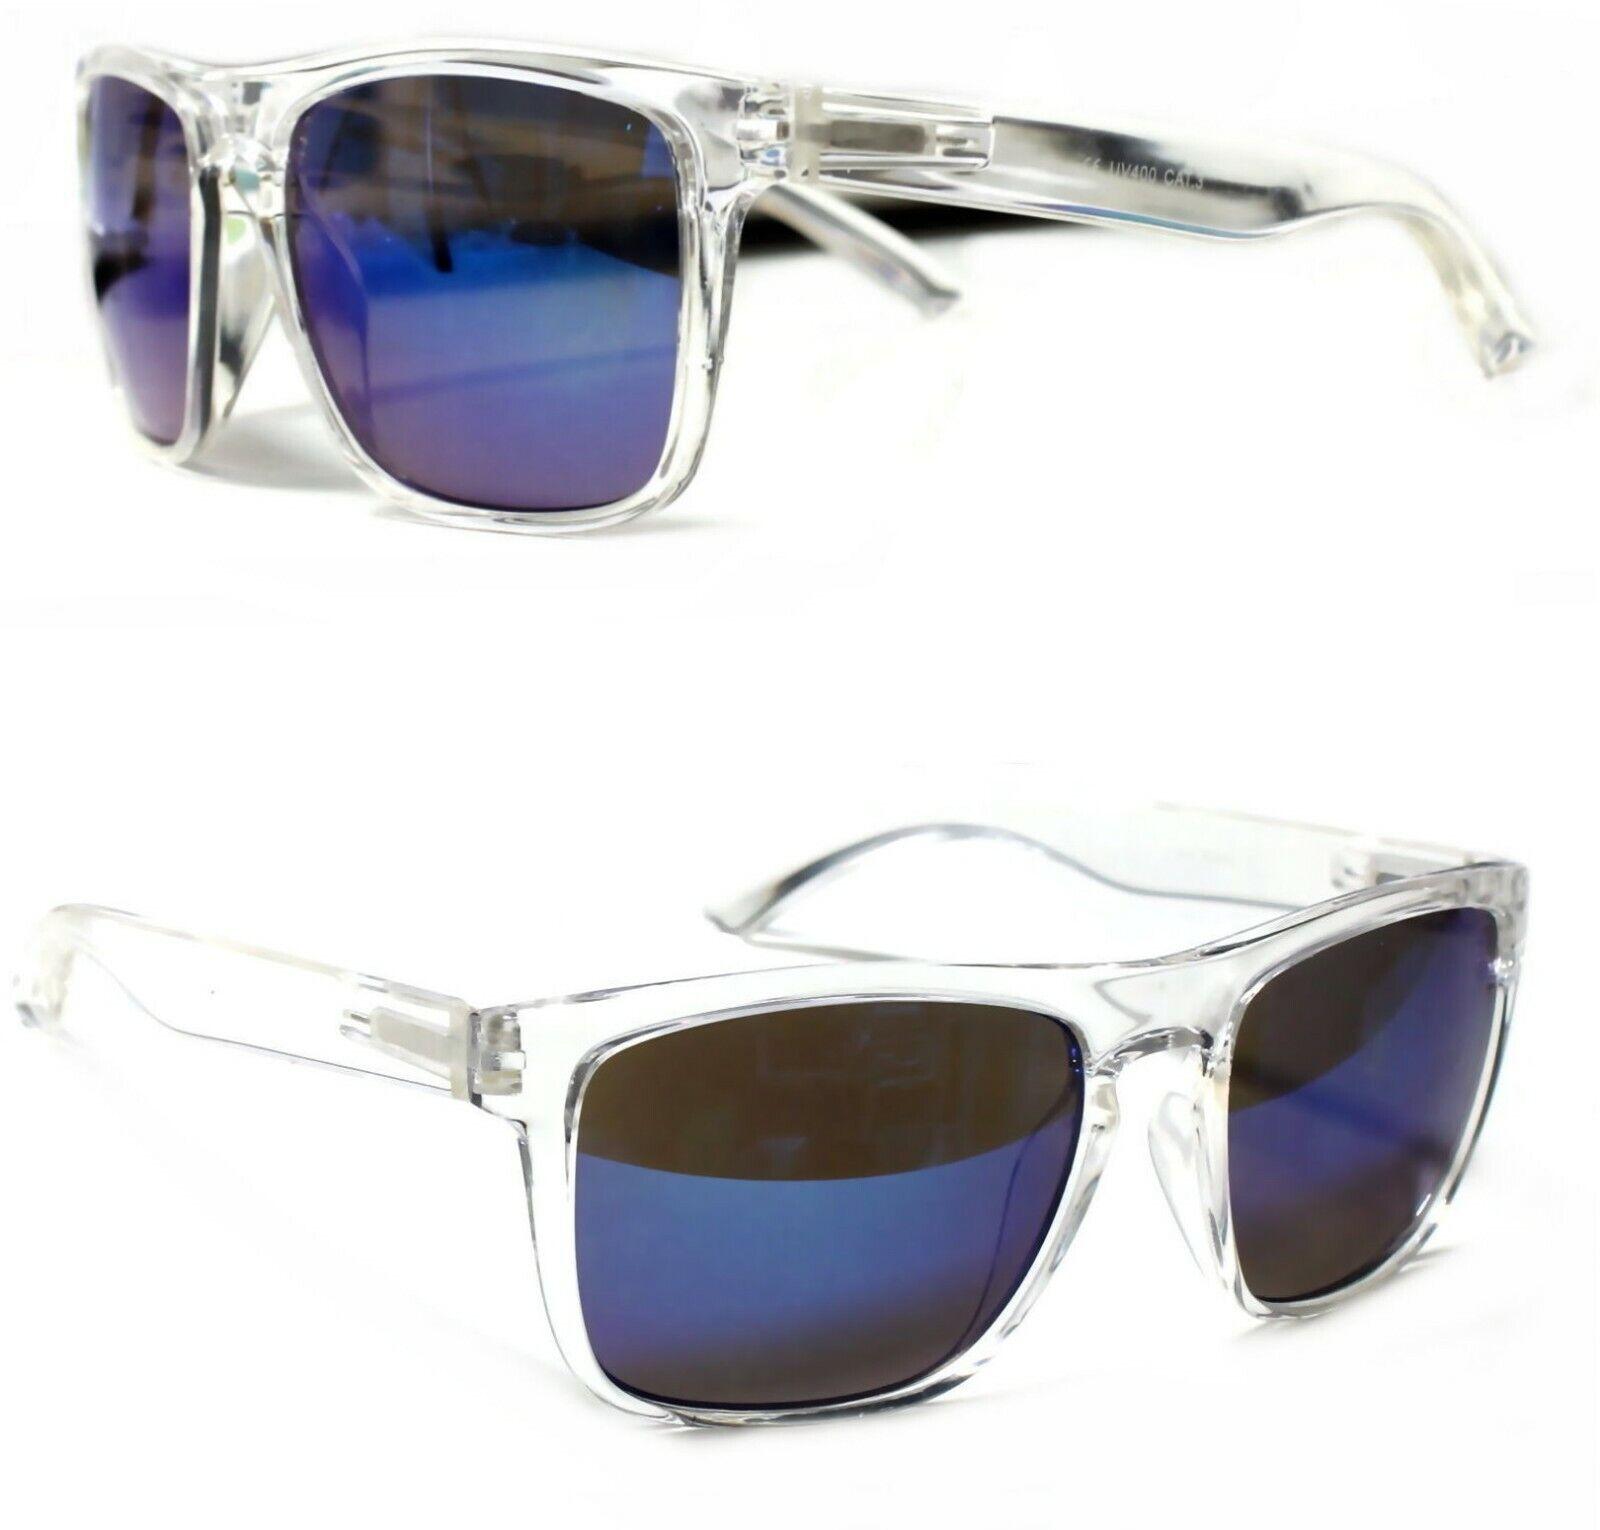 Damen Herren Sonnenbrille Transparent Groß Rechteckig Verspiegelt Blau T20